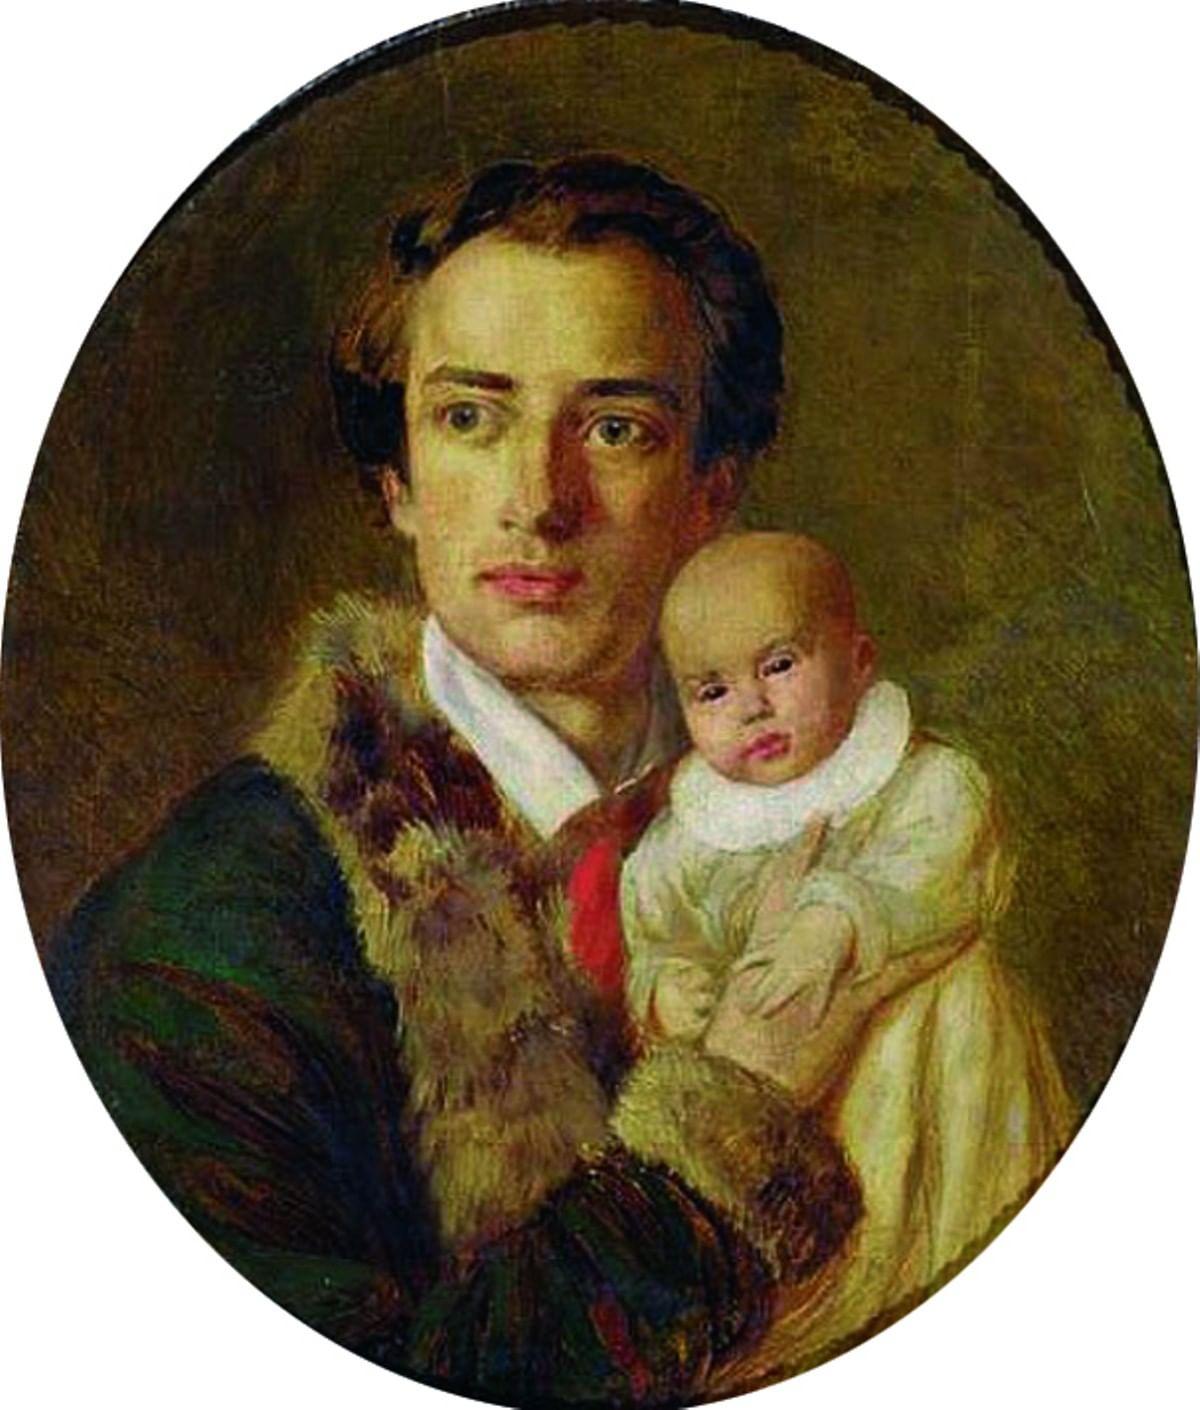 Матери-героини Российской империи: Портреты и стихи. Герцены